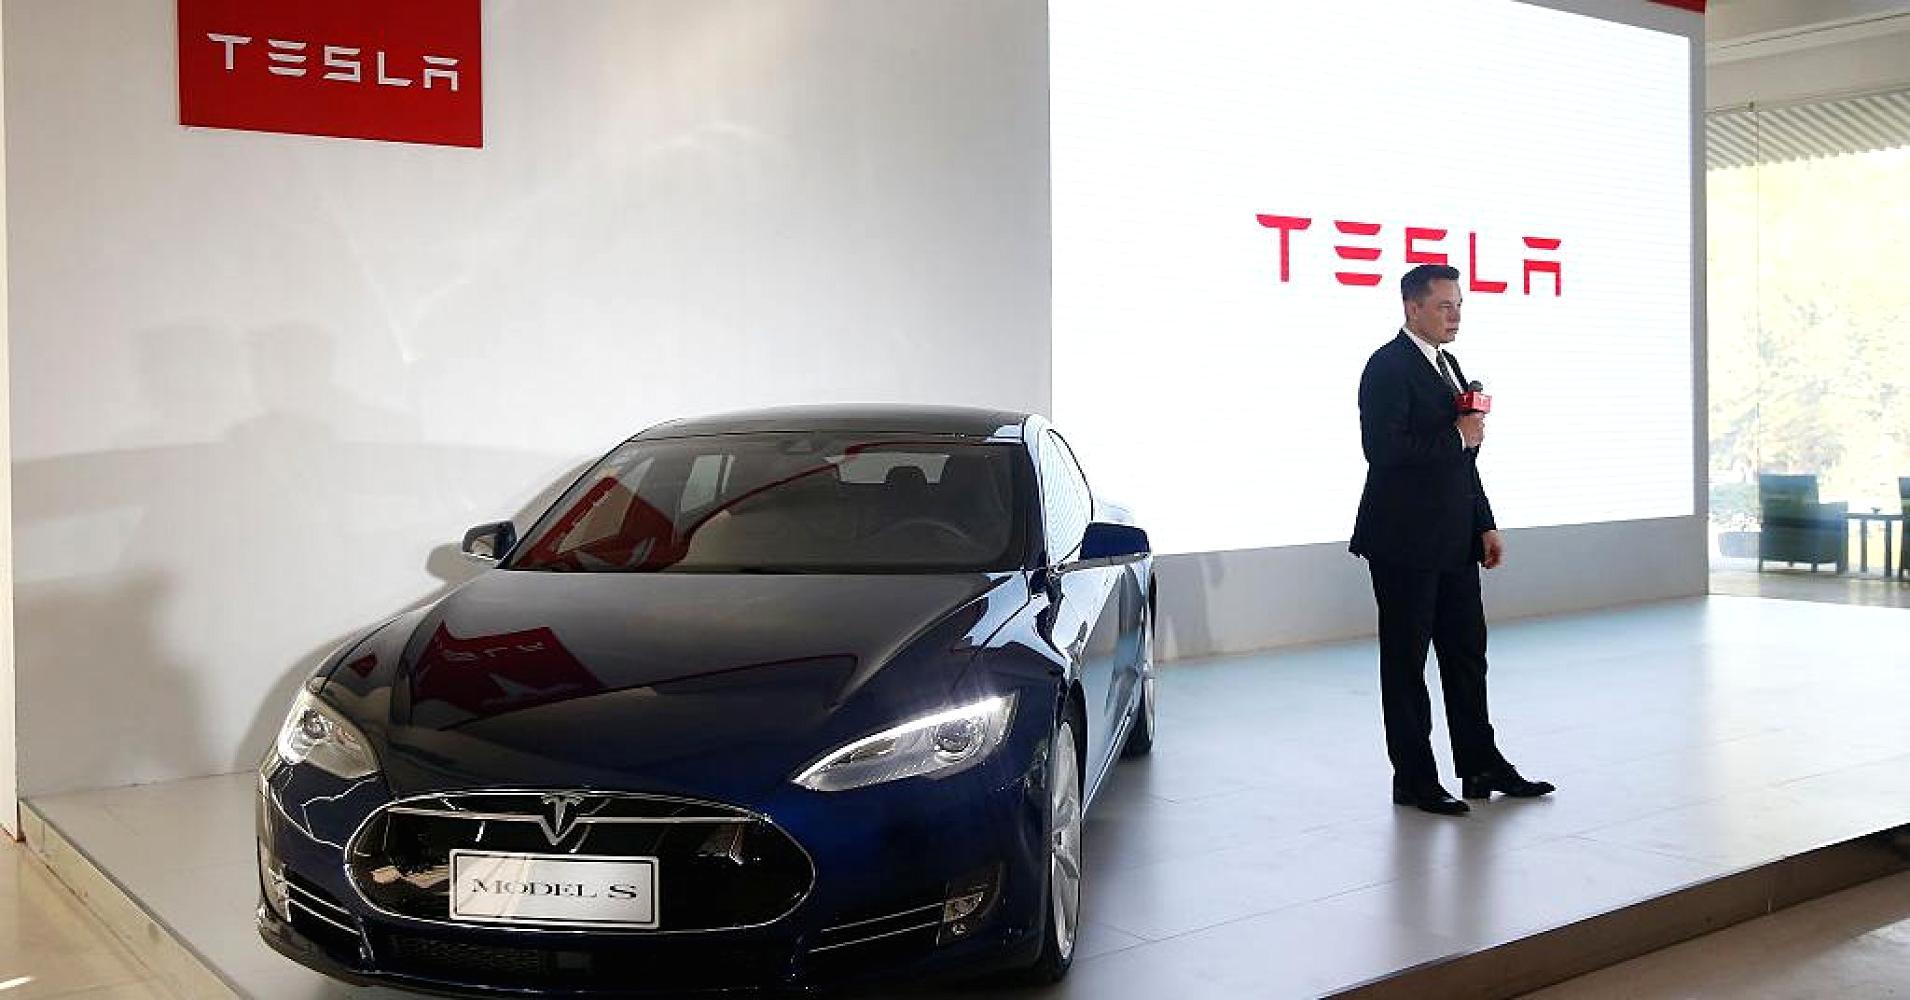 馬斯克稱:特斯拉汽車將于明年實現自動泊車功能